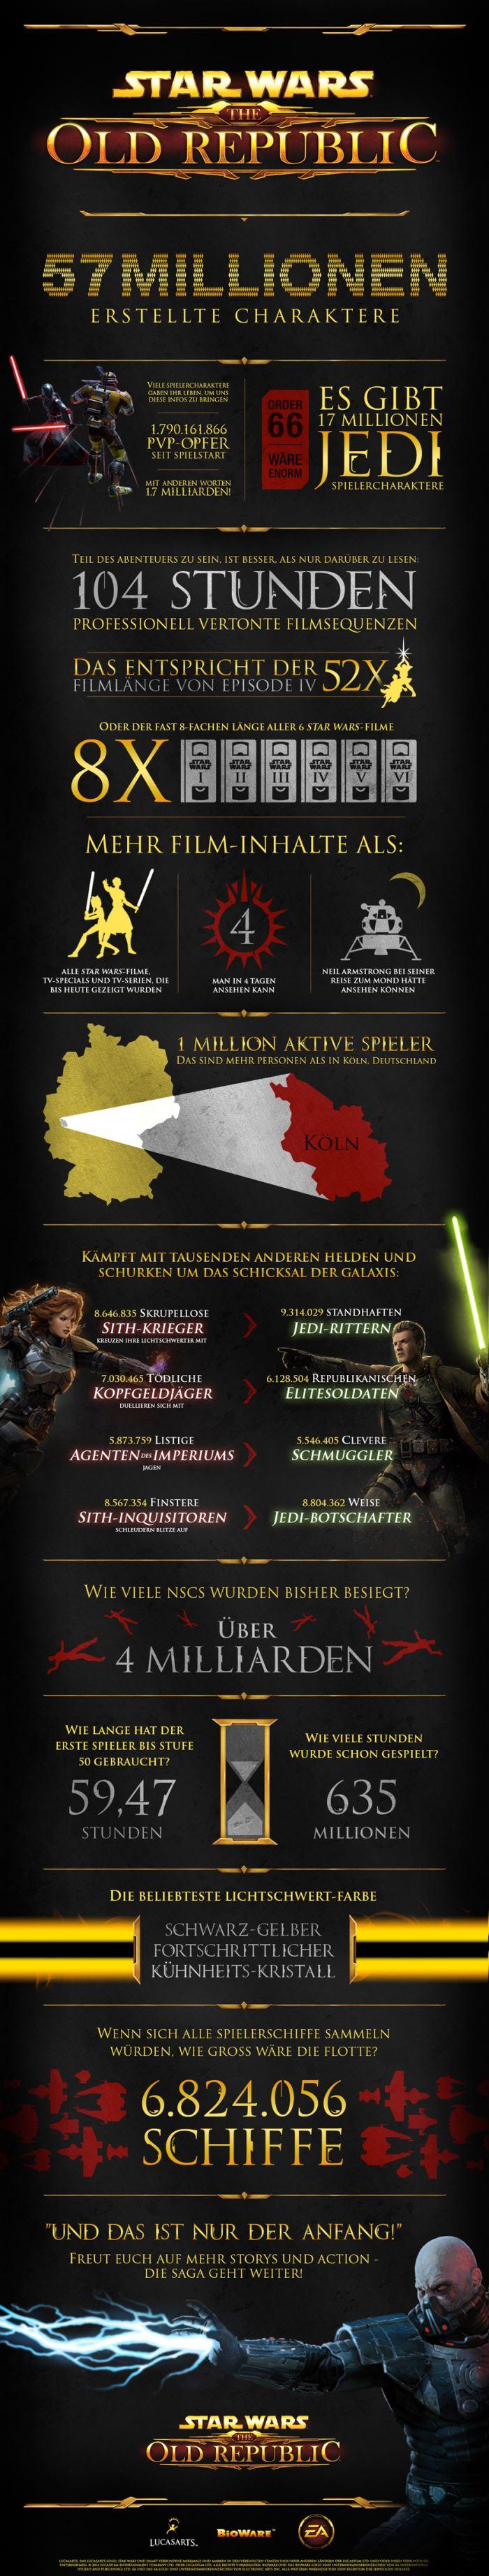 Infografik SWTOR